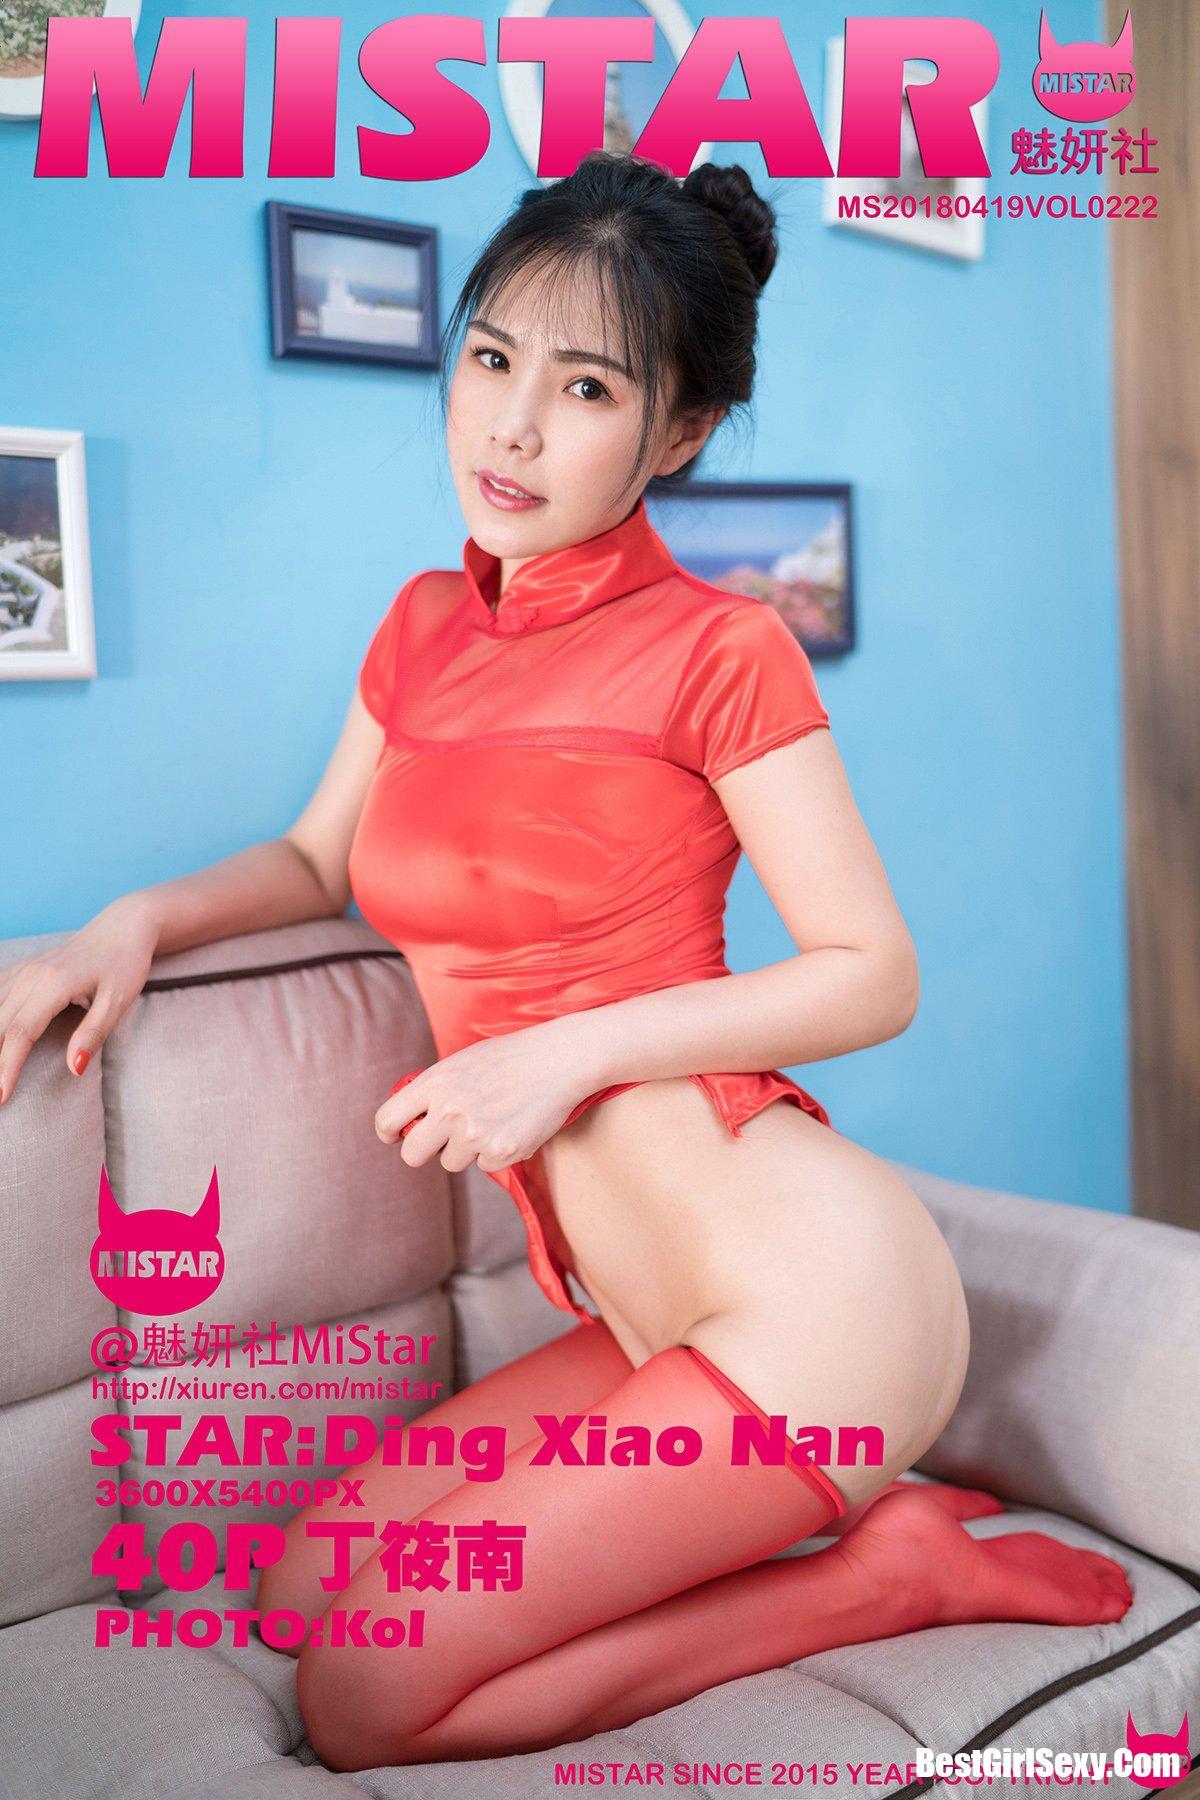 MiStar魅妍社 Vol.222 Ding Xiao Nan 9